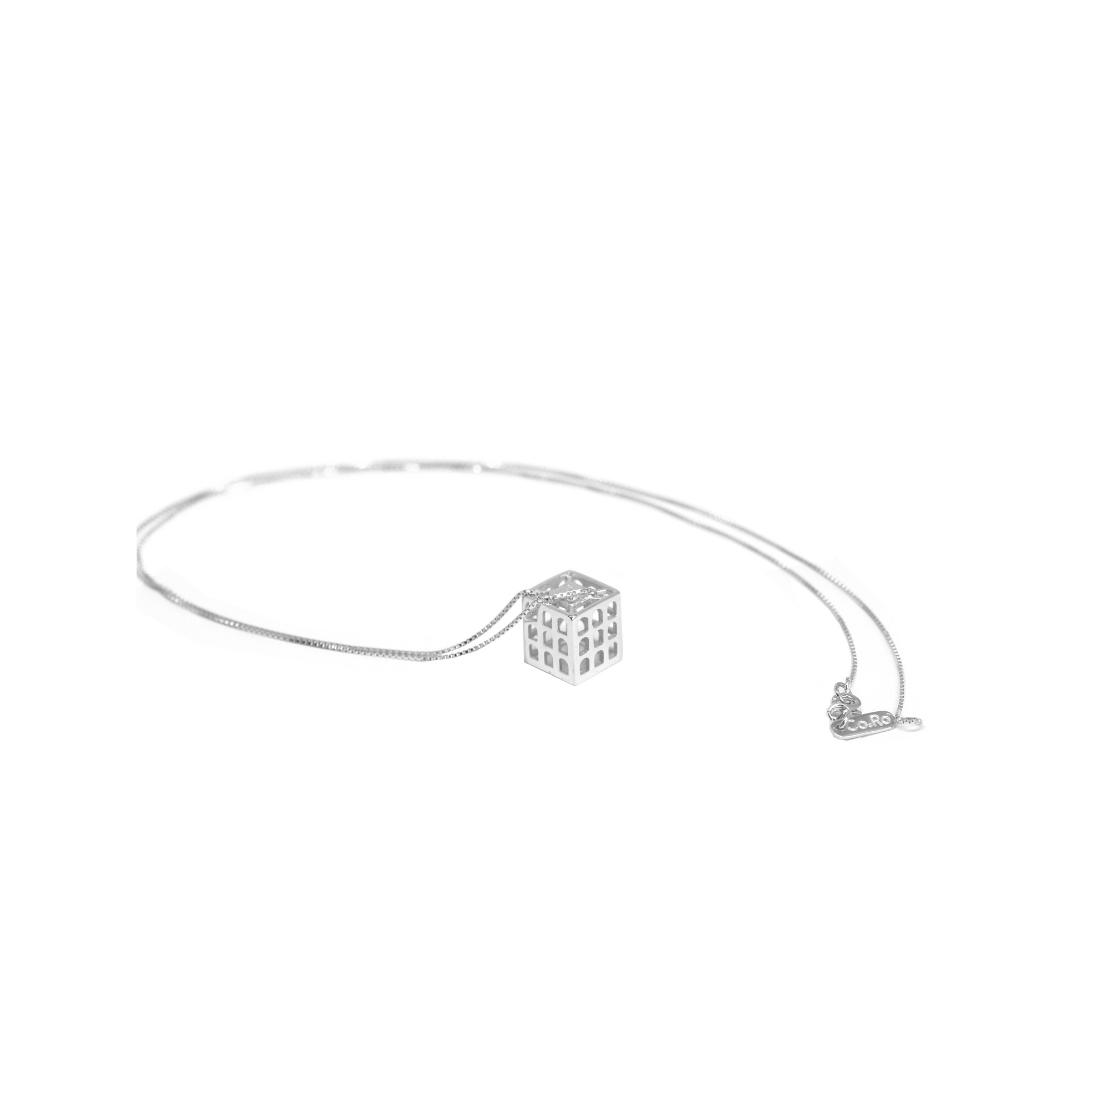 Colosseo Quadrato Pendant 925 Sterling Silver